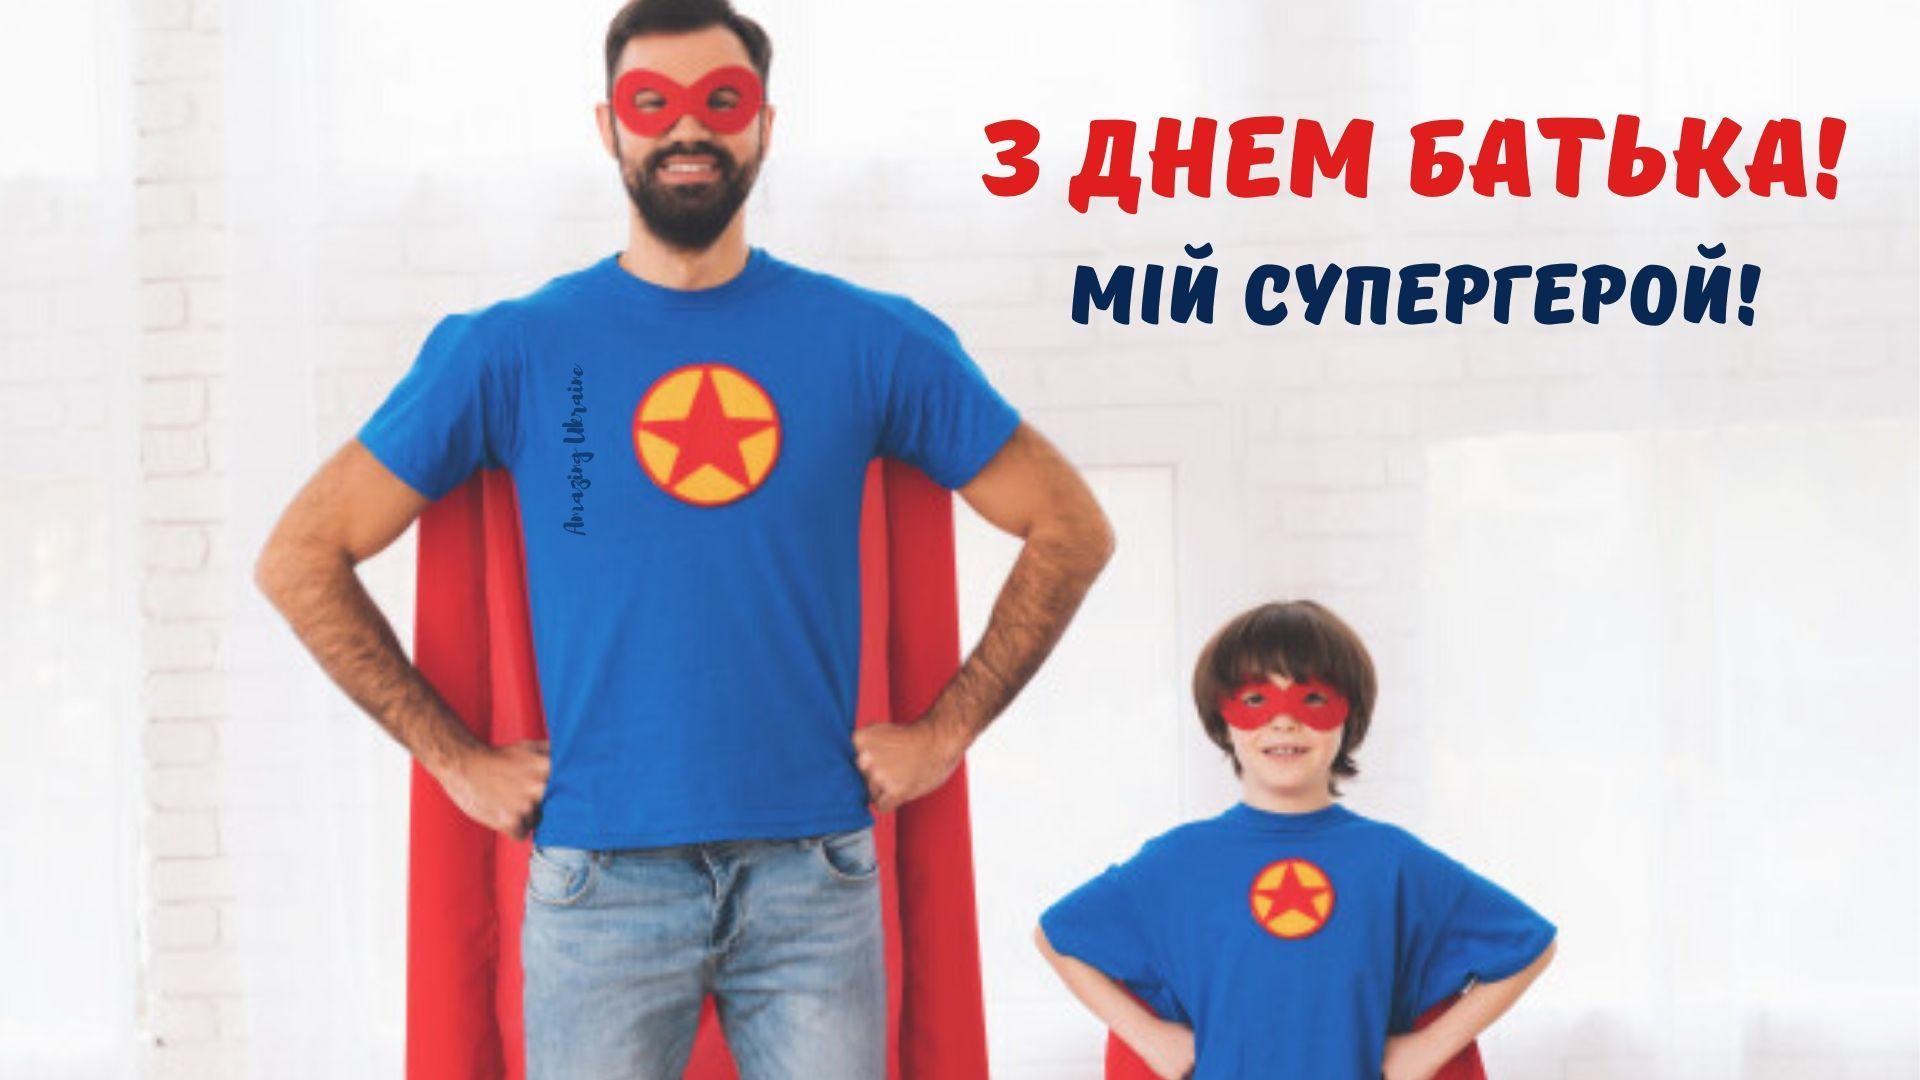 Привітання з Днем батька 2020 in 2020 | Mens tshirts, Mens tops, Mens polo  shirts